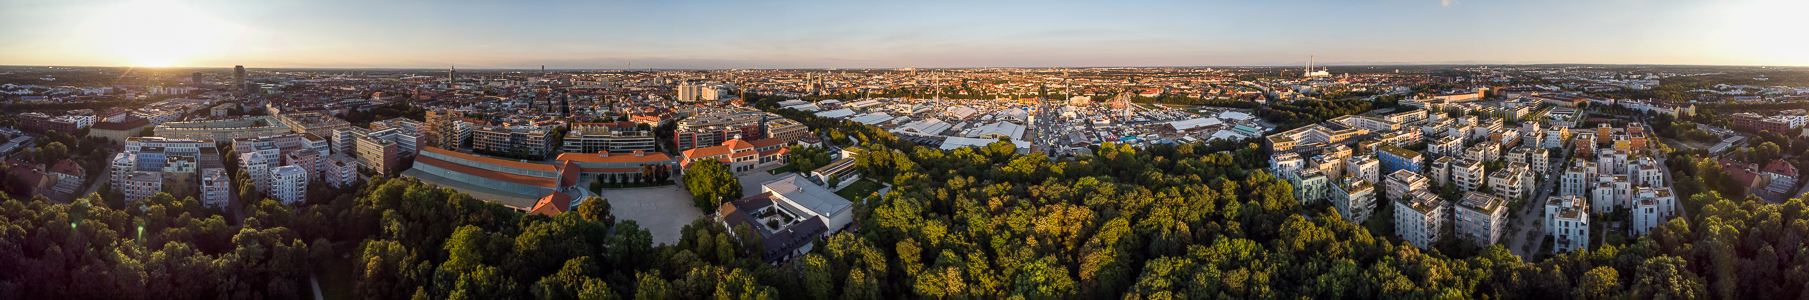 Theresienhöhe: Bavariapark, Deutsches Museum Verkehrszentrum, Theresienwiese und Quartier Theresienhöhe München